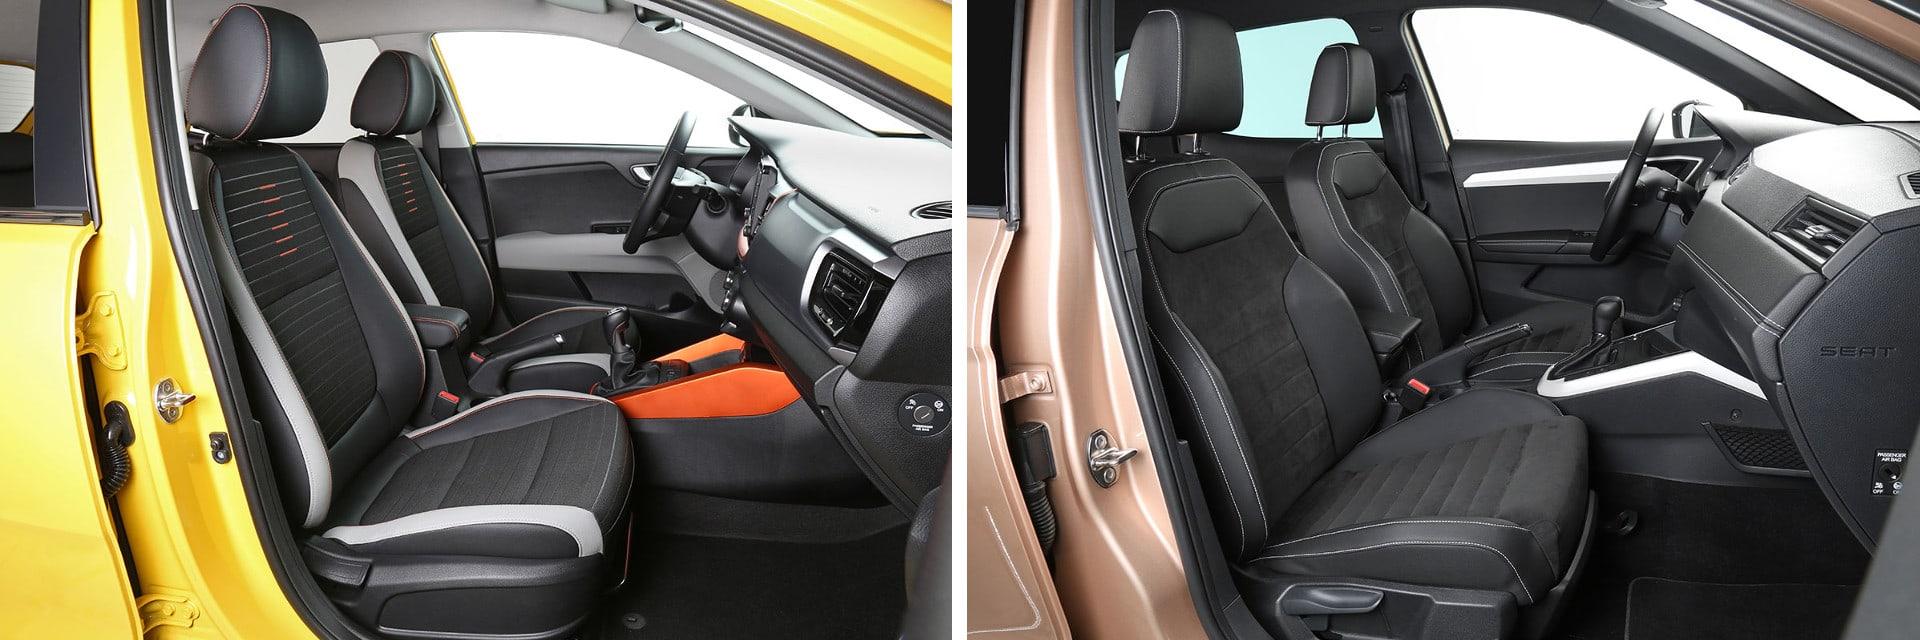 Los asientos delanteros el Stonic (izq.) y del Arona (dcha.) son cómodos y sujetan bien el cuerpo.